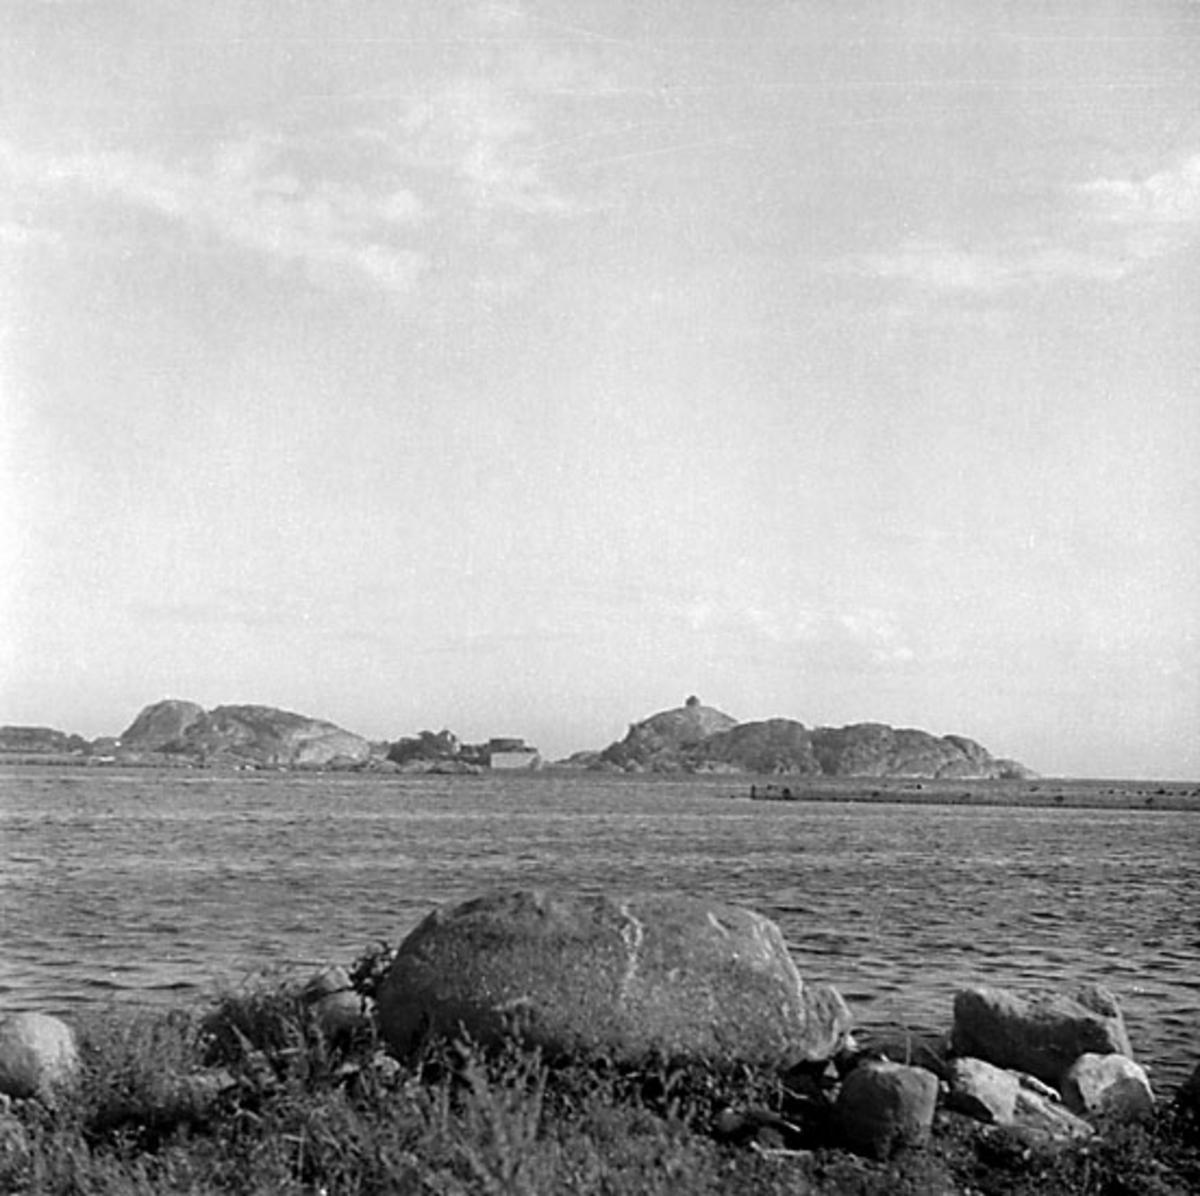 Skrivet på baksidan: Stavern, gamle Mogshavn (?), 11/8 1966, A 3189 Stämplat på baksidan: Henning Henningsen, museumsinspektör, dr. phil.